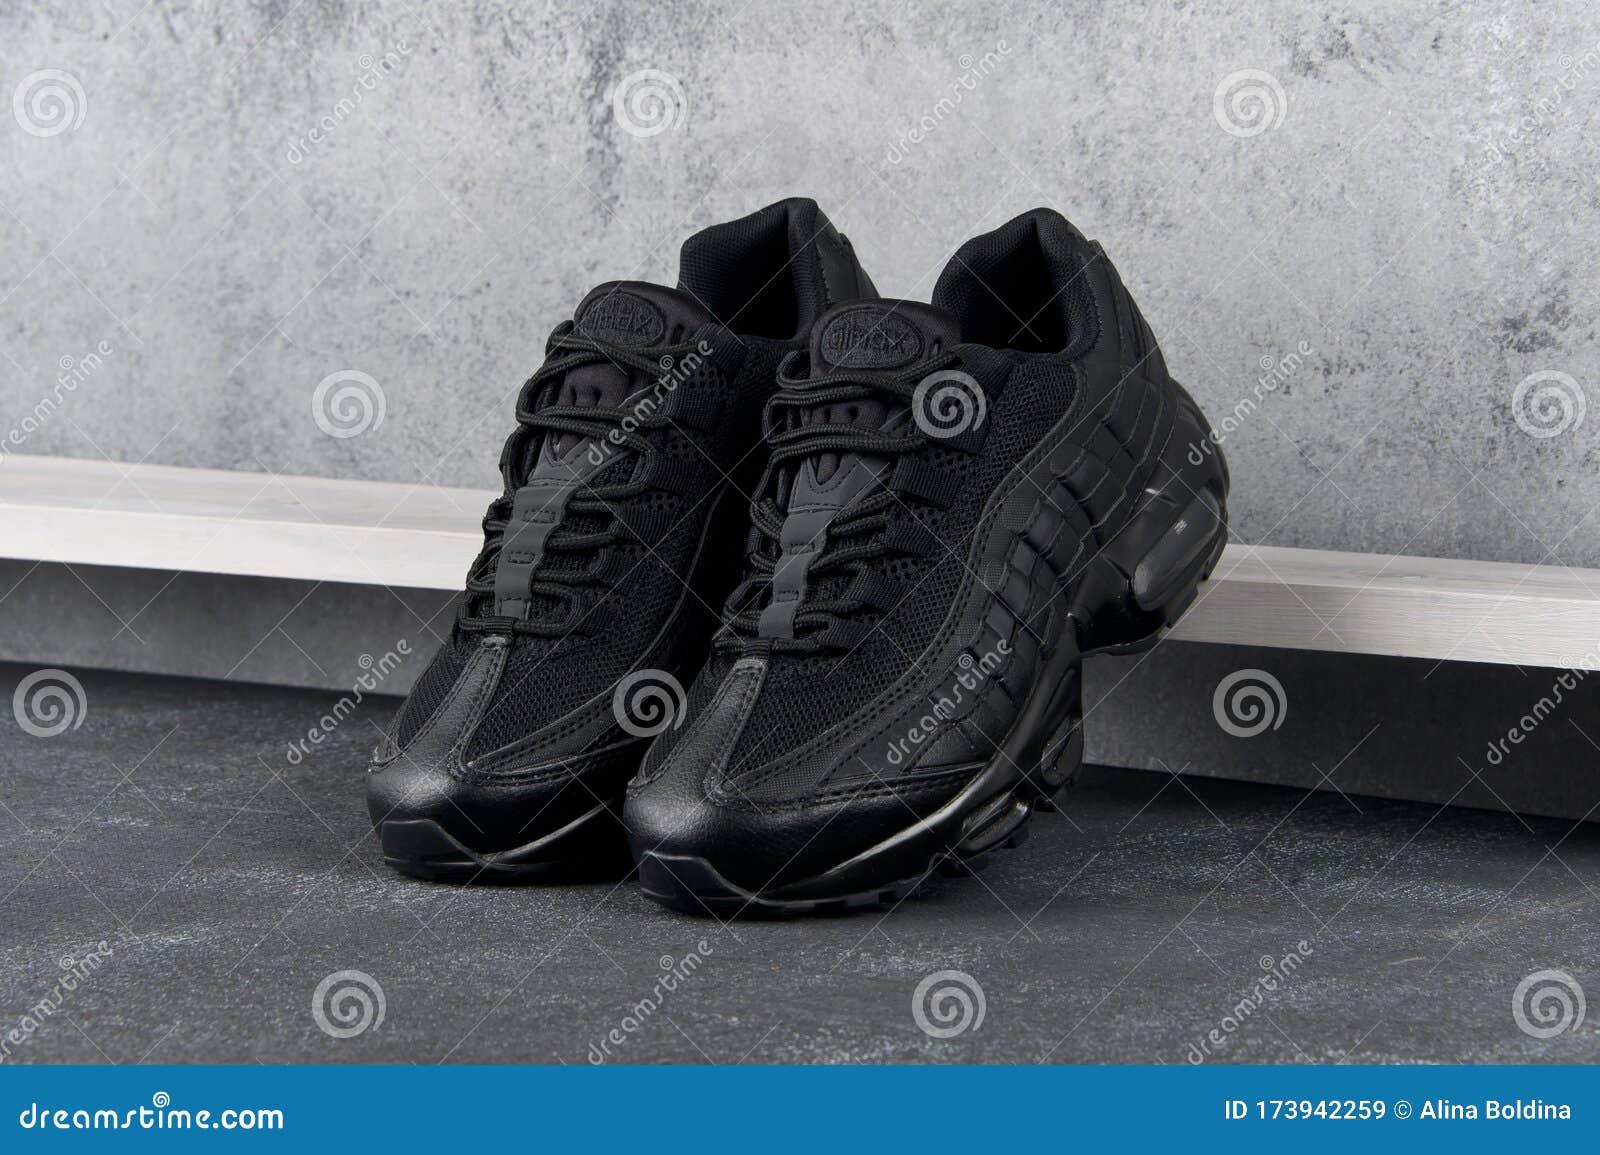 Black Nike Air Max 95 Sneakers, Running